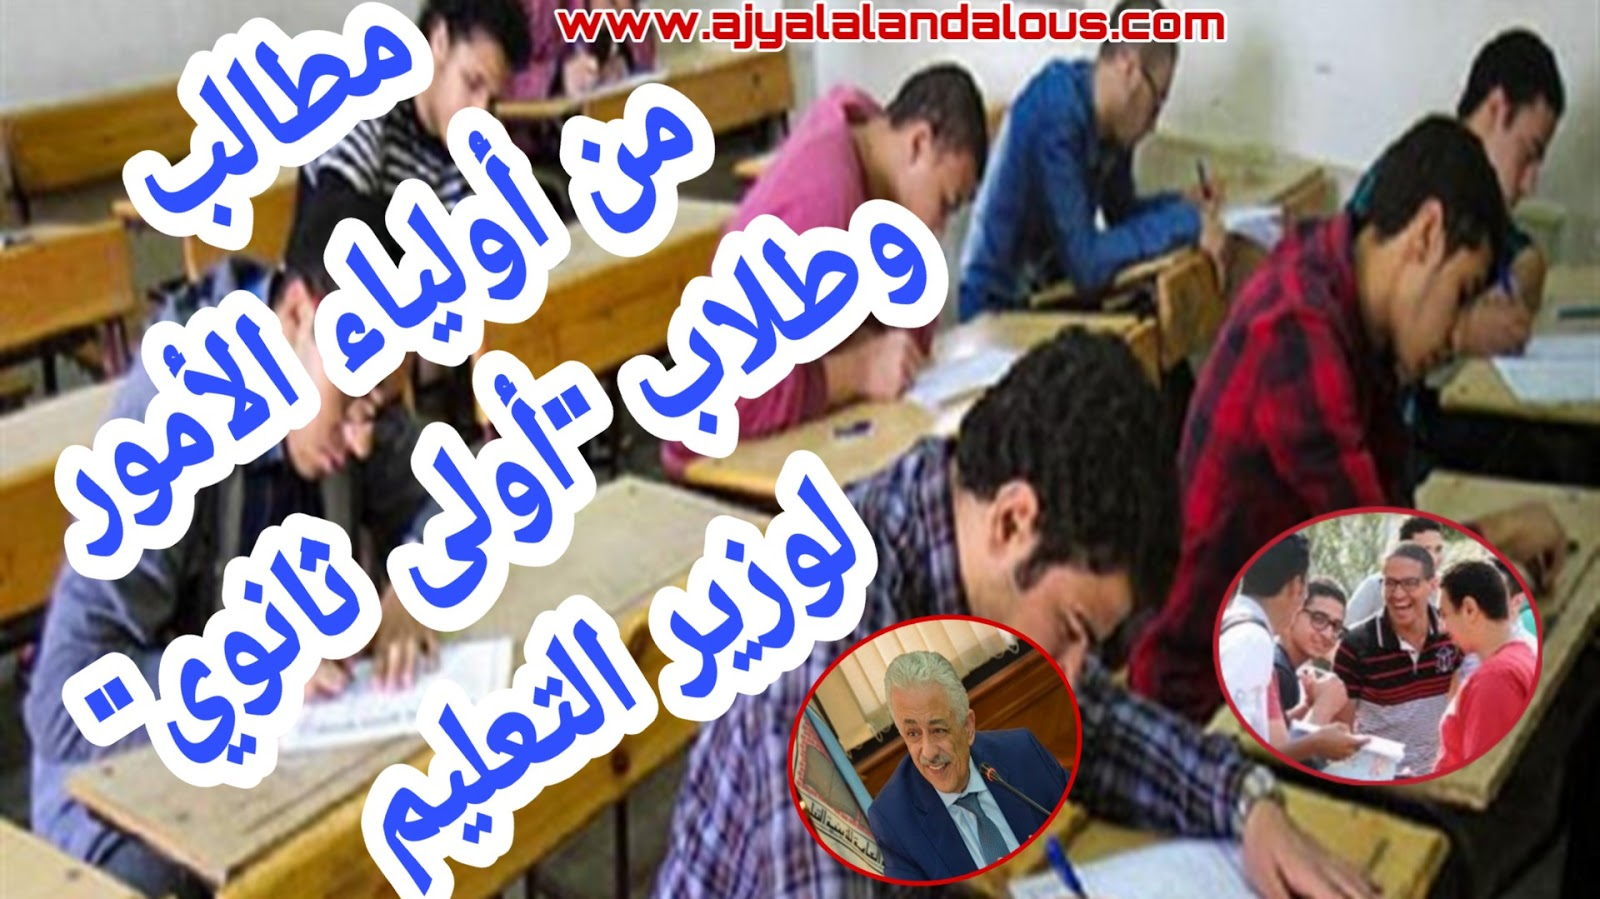 عاجل مطالب أولياء الأمور وطلاب أولى ثانوي من وزير التعليم بعد انتهاء الامتحانات